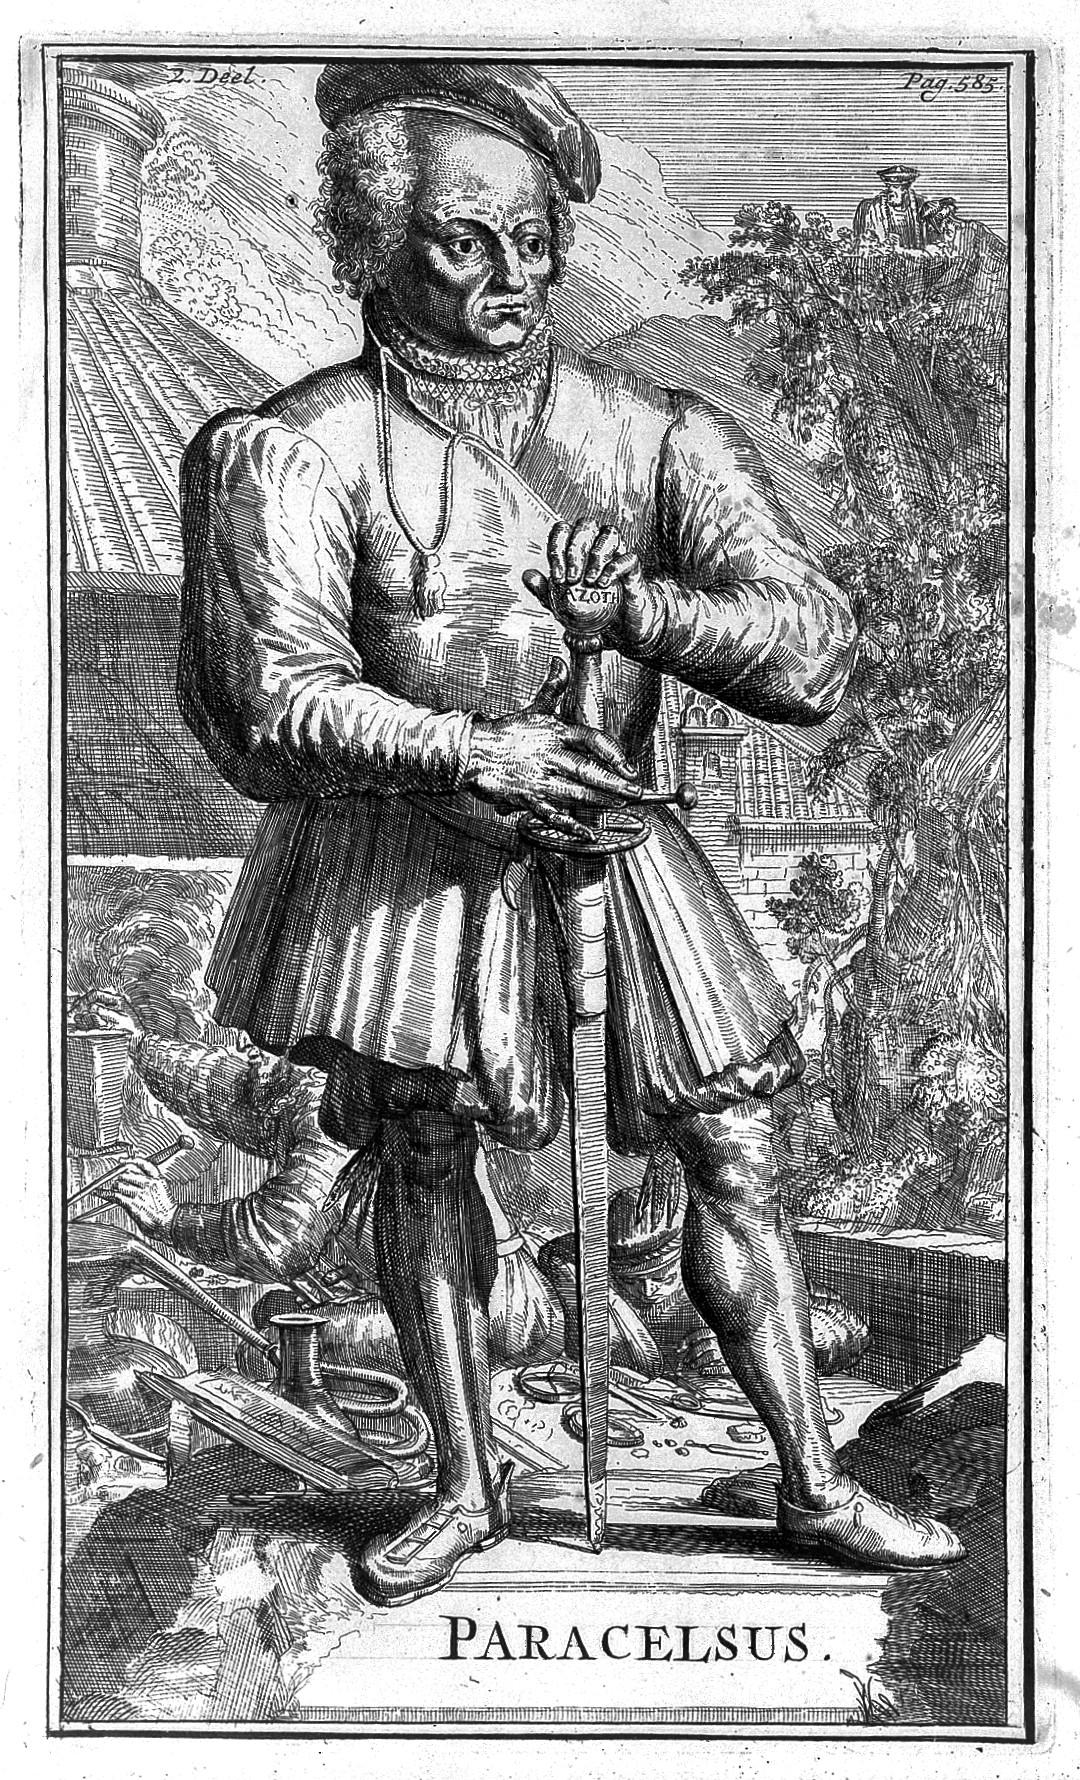 Paracelsus: File:Line Engraving; Portrait Of Paracelsus, Wellcome